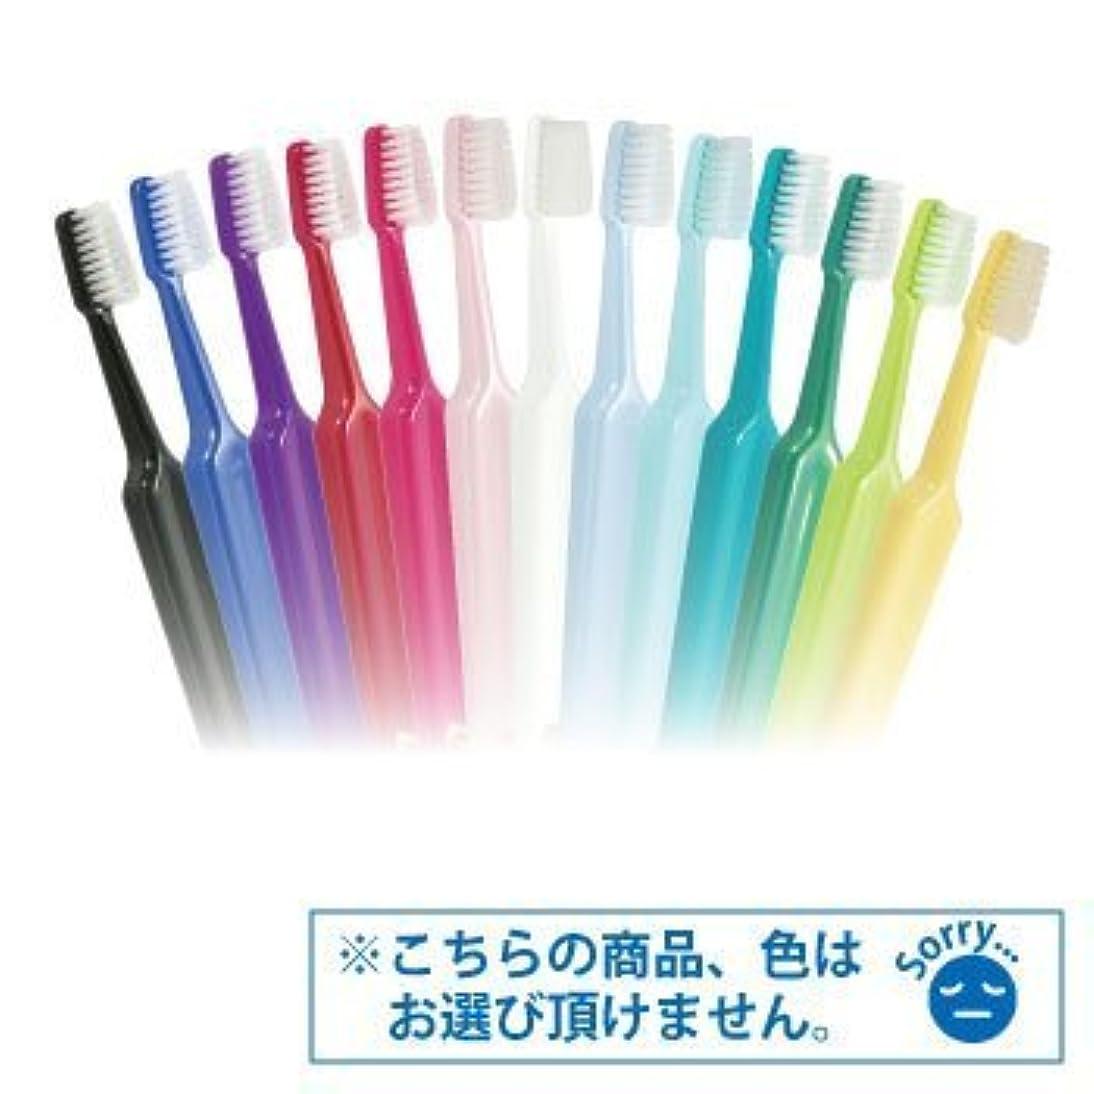 解読する最大のペレグリネーションTepe歯ブラシ セレクトコンパクト /ソフト 30本入り